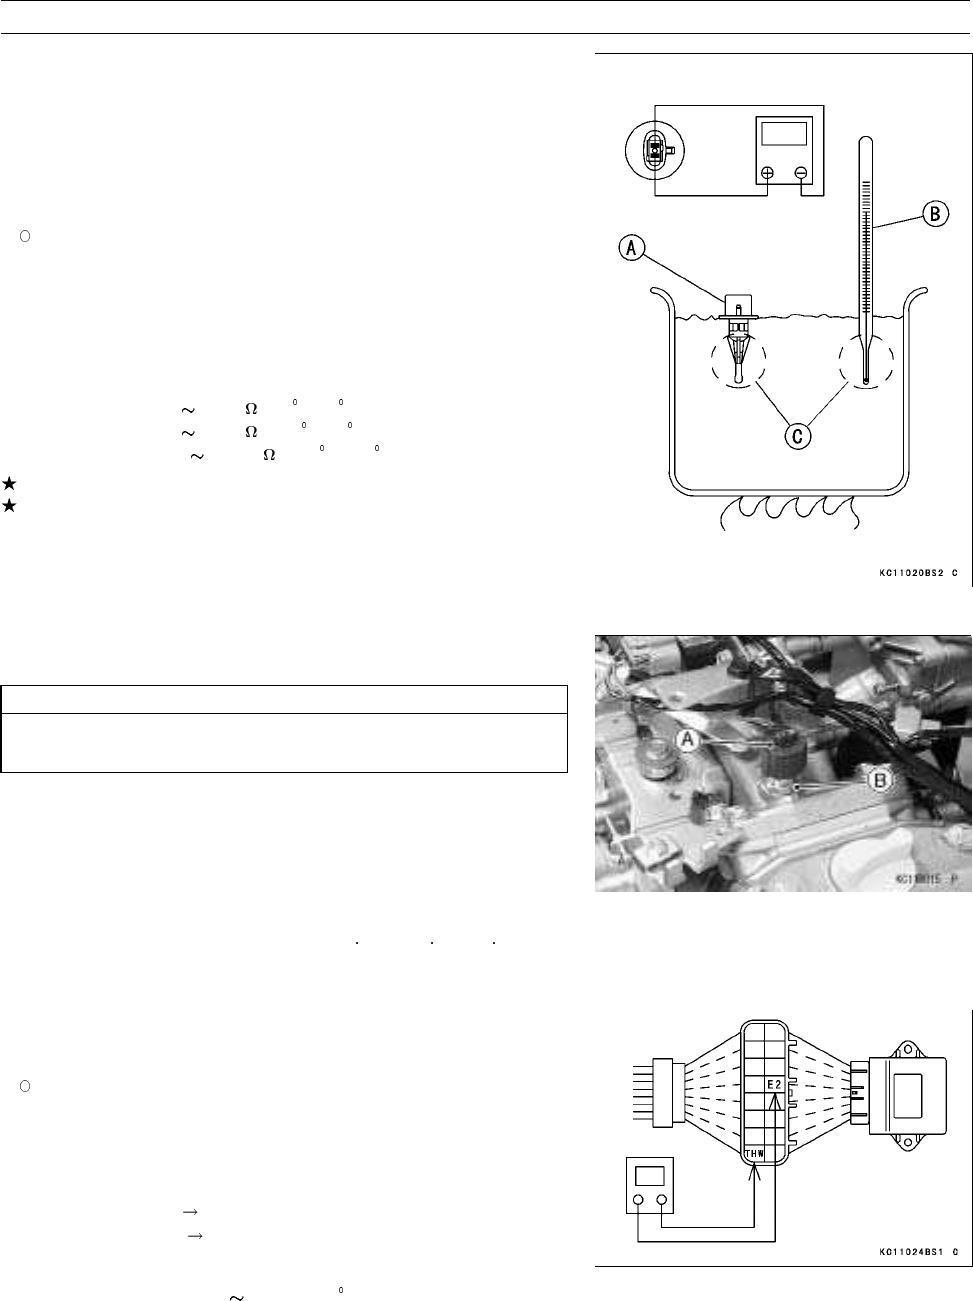 hight resolution of  kawasaki kawasaki fd671d fd711d fd750d fd791d service manual download page on kawasaki fuel